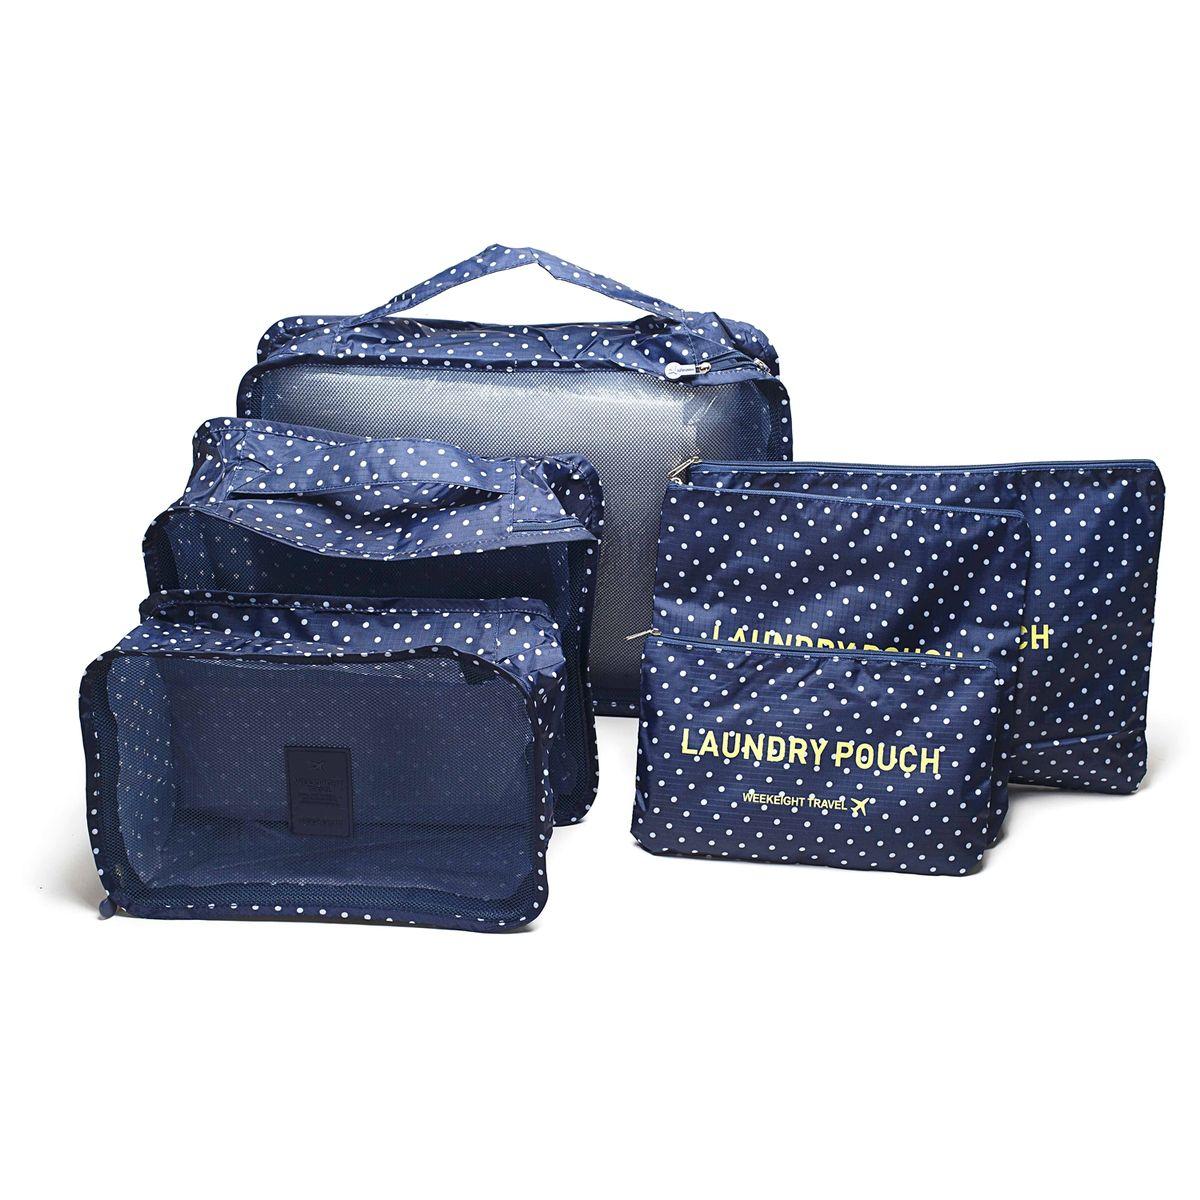 Набор органайзеров для багажа Homsu, 6 предметовHOM-347Набор органайзеров для багажа Homsu выполнен из полиэстера и оснащен молниями. В комплекте собраны органайзеры для бюстгальтеров, нижнего белья, носков, одежды, косметики. Вы сможете распределить все вещи, которые возьмете с собой таким образом, чтобы всегда иметь быстрый доступ к ним. Органайзеры надежно защитят от пыли, грязи, влажности или механических повреждений. Размеры органайзеров: 40 x 30 x 12 см; 30 x 28 x 13 см; 30 x 21 x 13 см; 35 x 27 см; 27 x 25 см; 26 x 16 см.